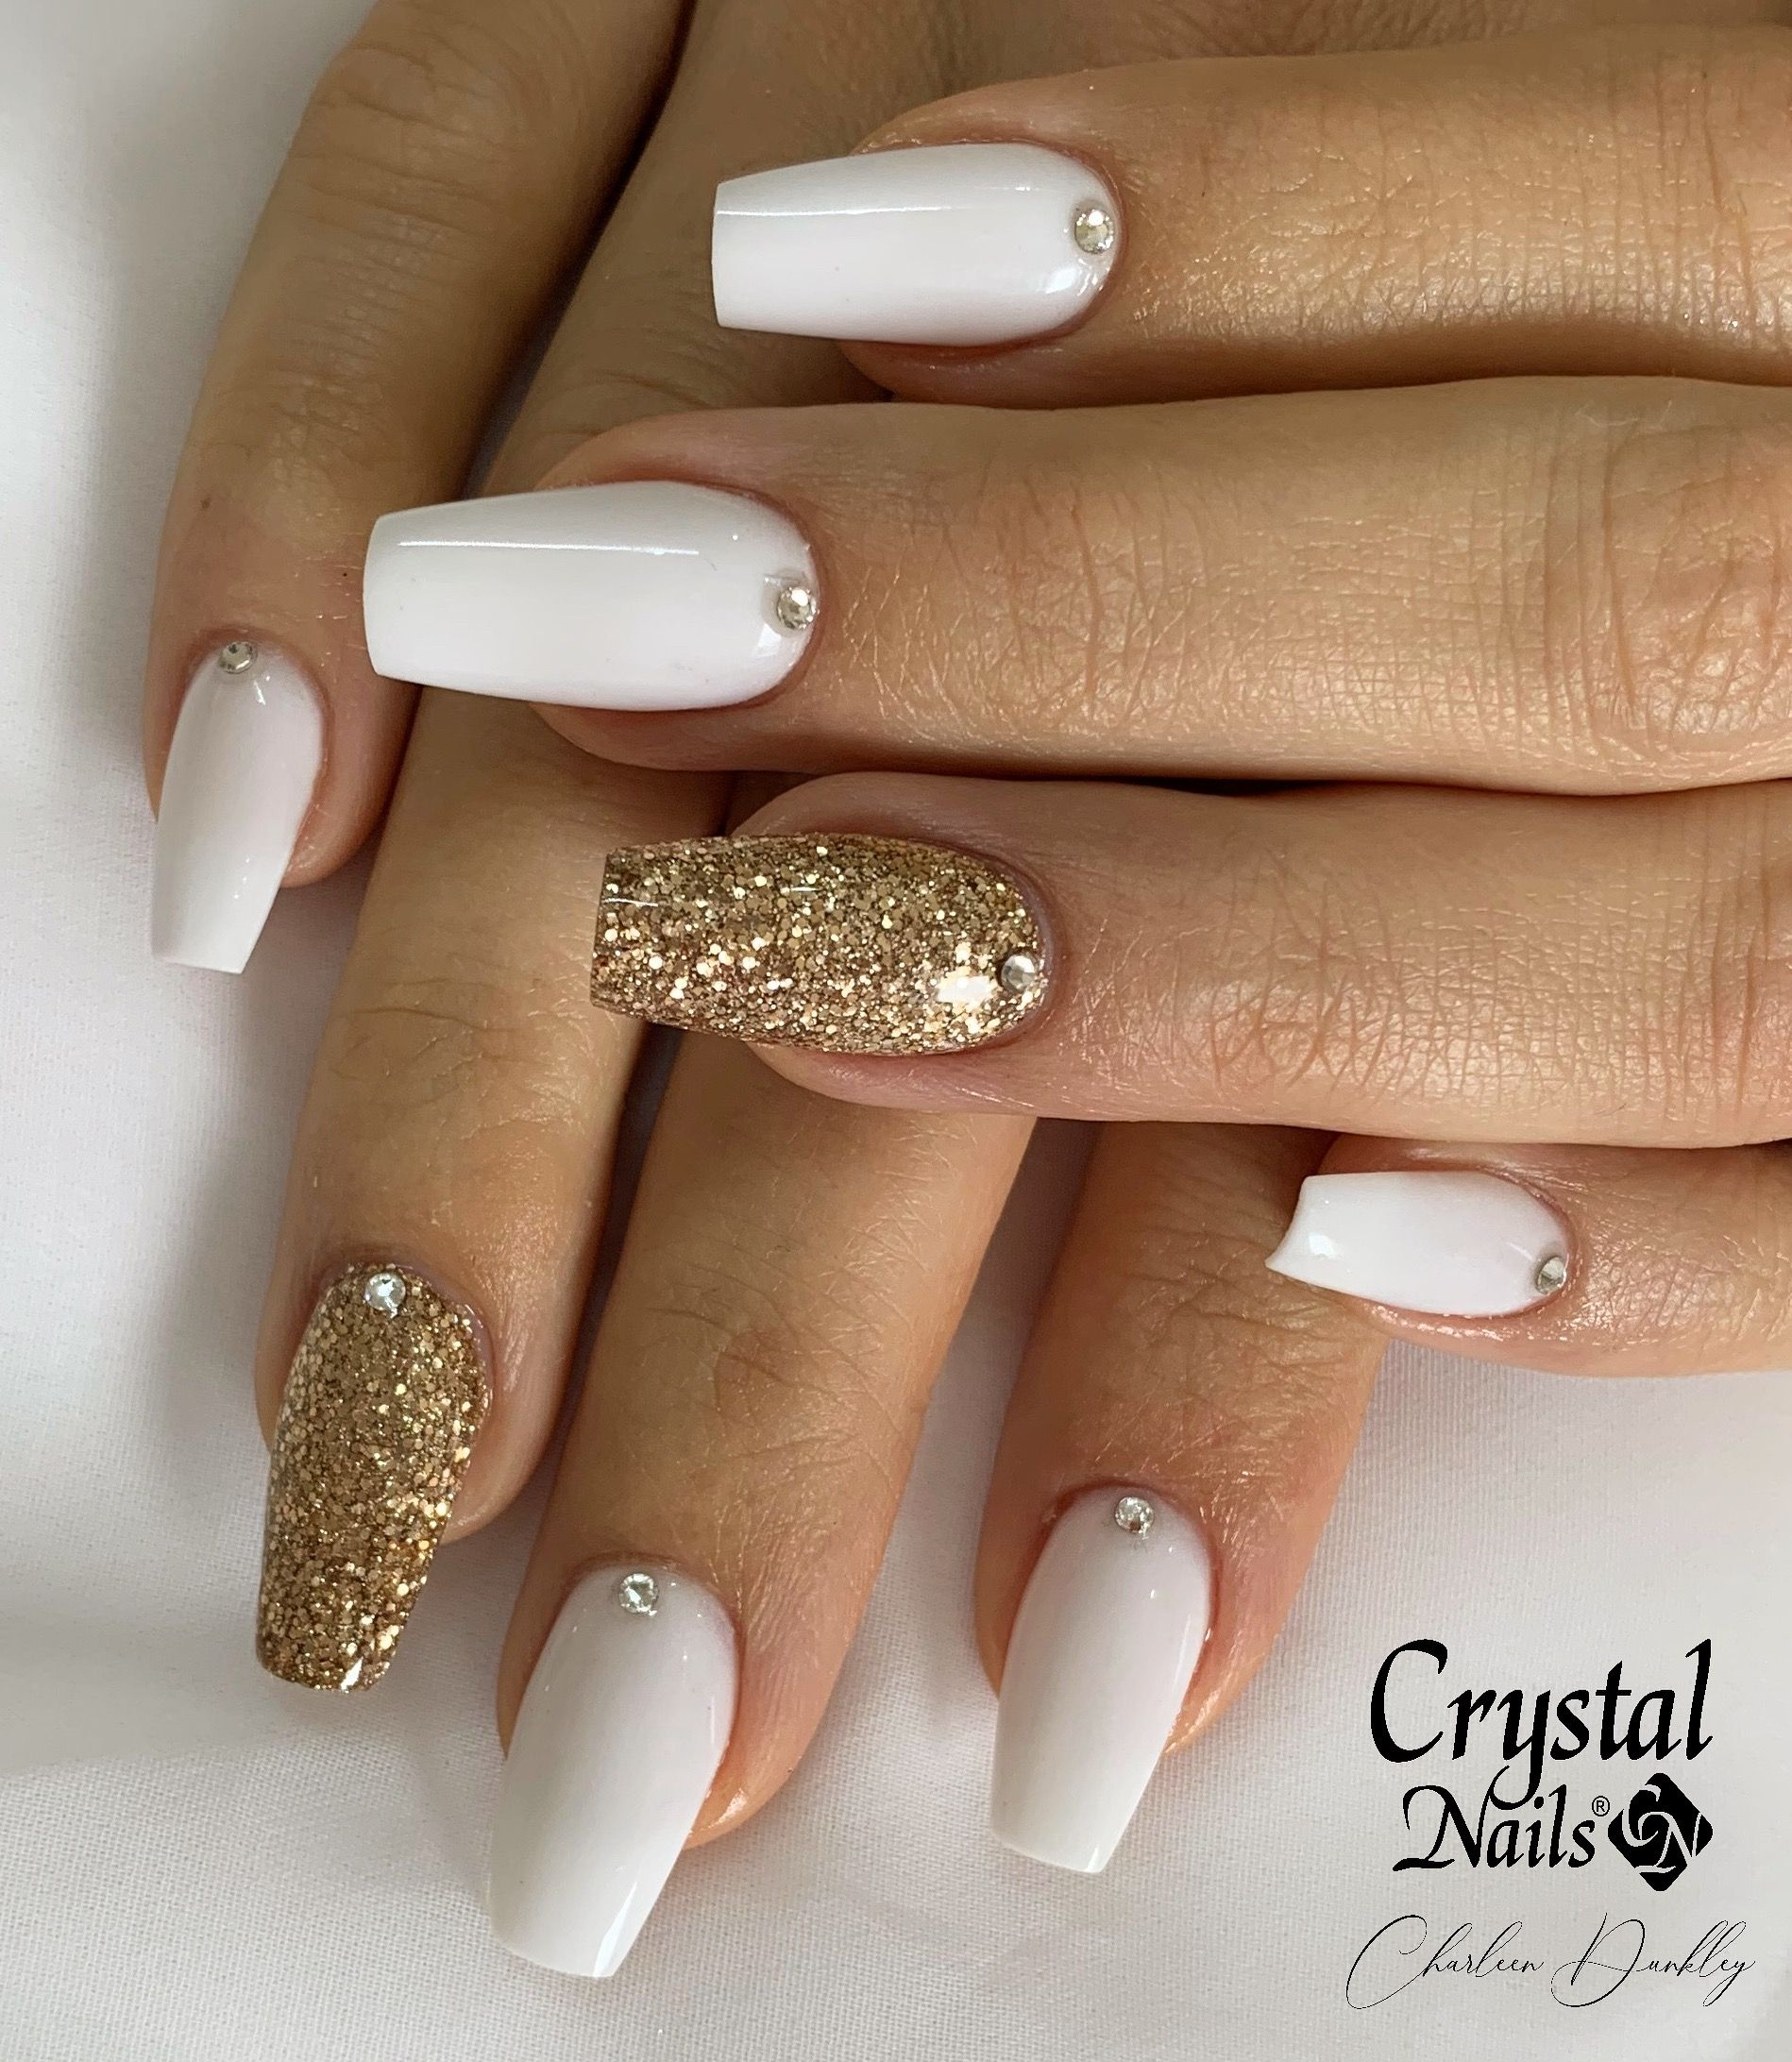 White Gold Nails White Nails With Gold White Acrylic Nails White Acrylic Nails With Glitter